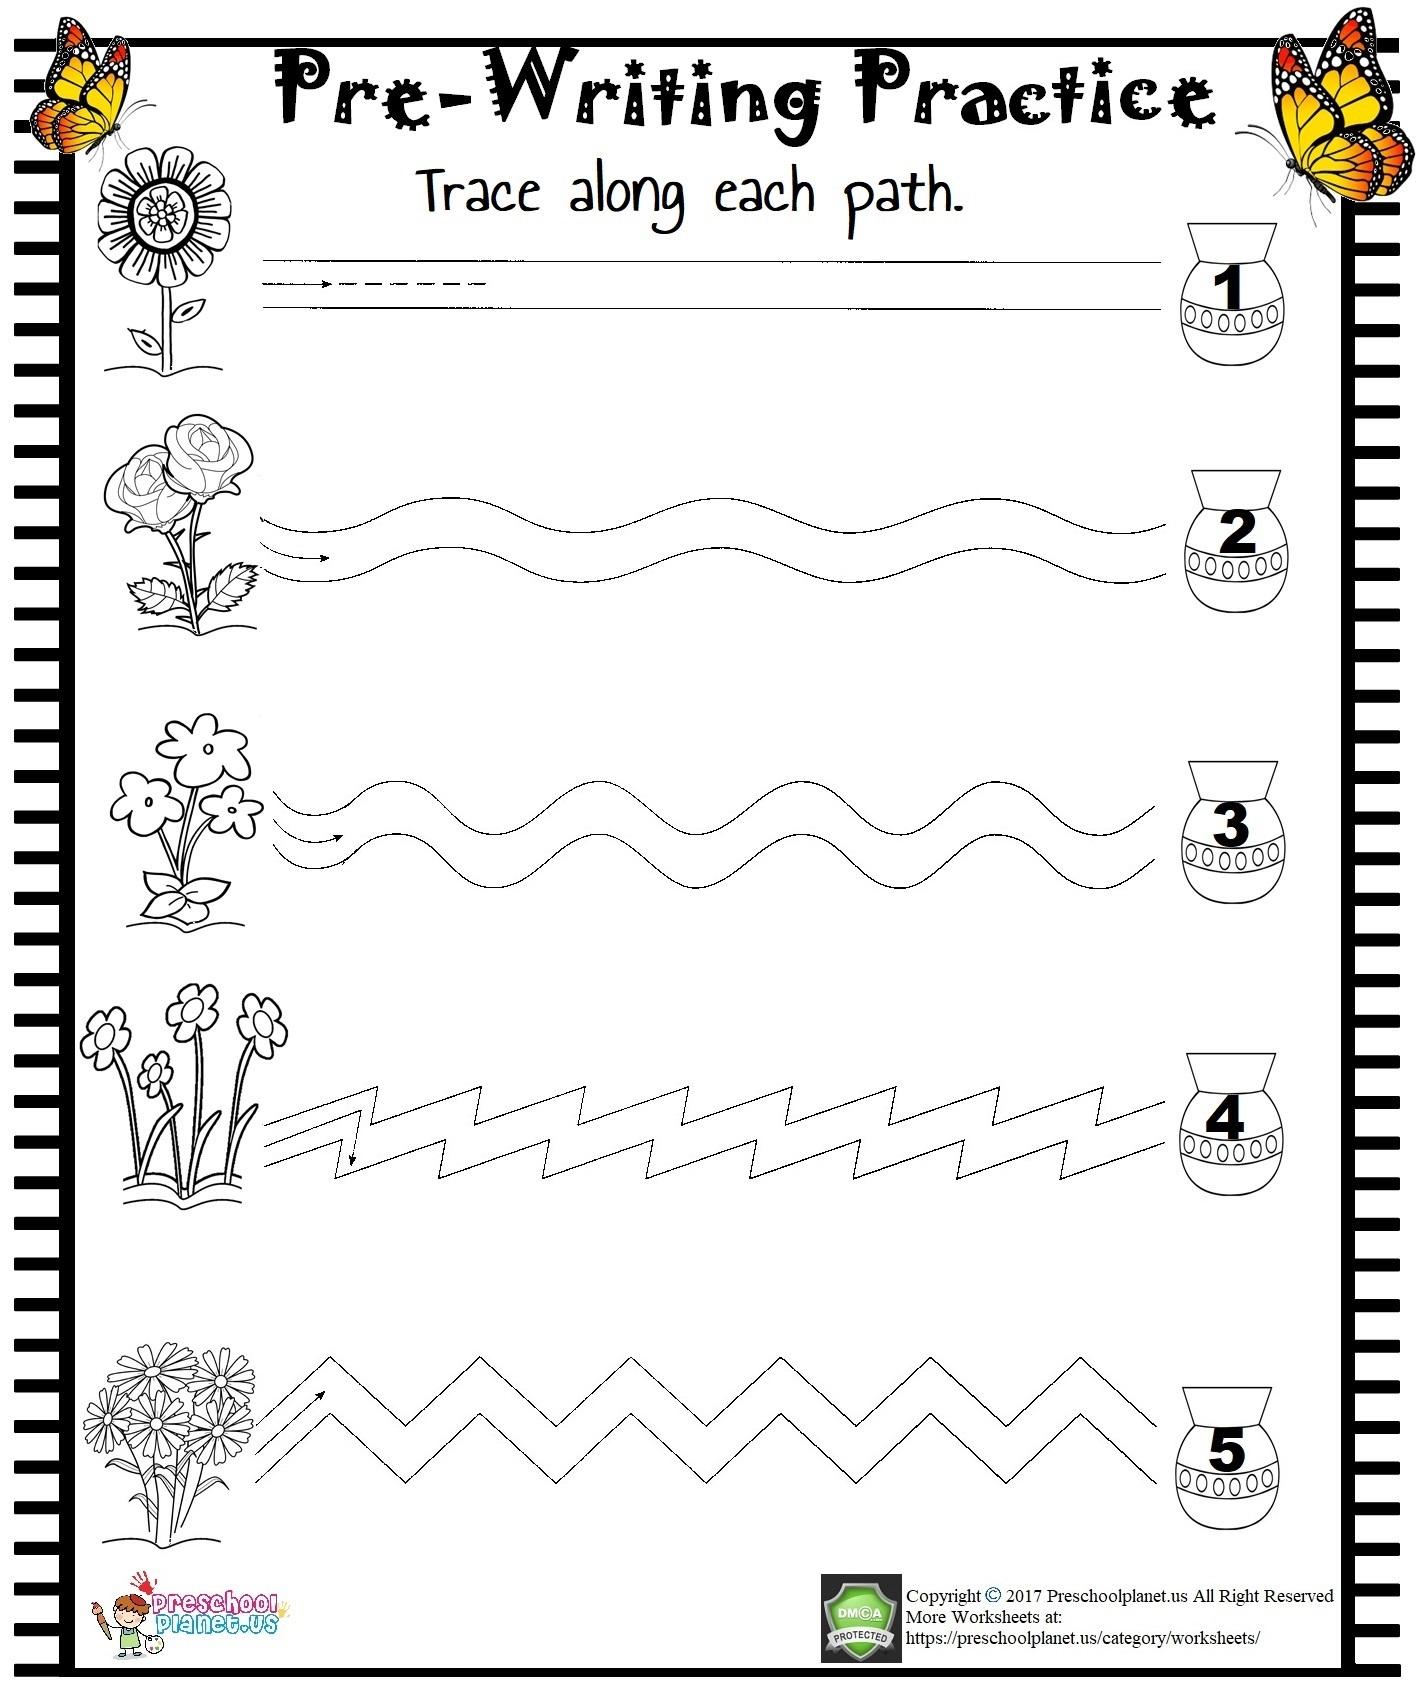 Pre-Writing Practice Worksheet